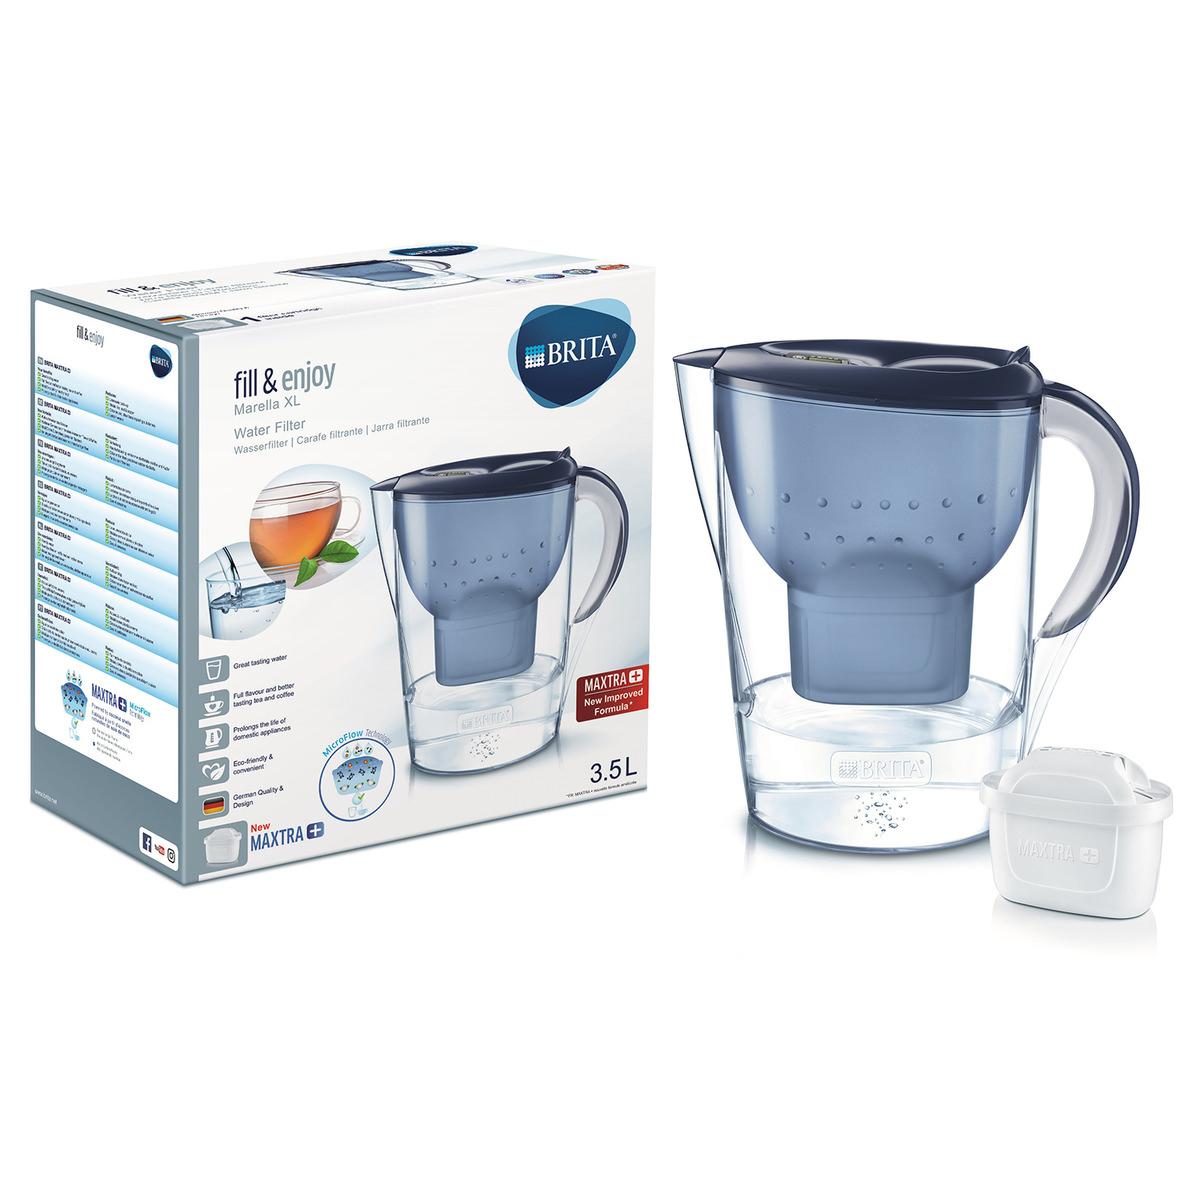 Brita Wasserfilter Marella Xl 35 Liter In Blau Jetzt Im Kodi